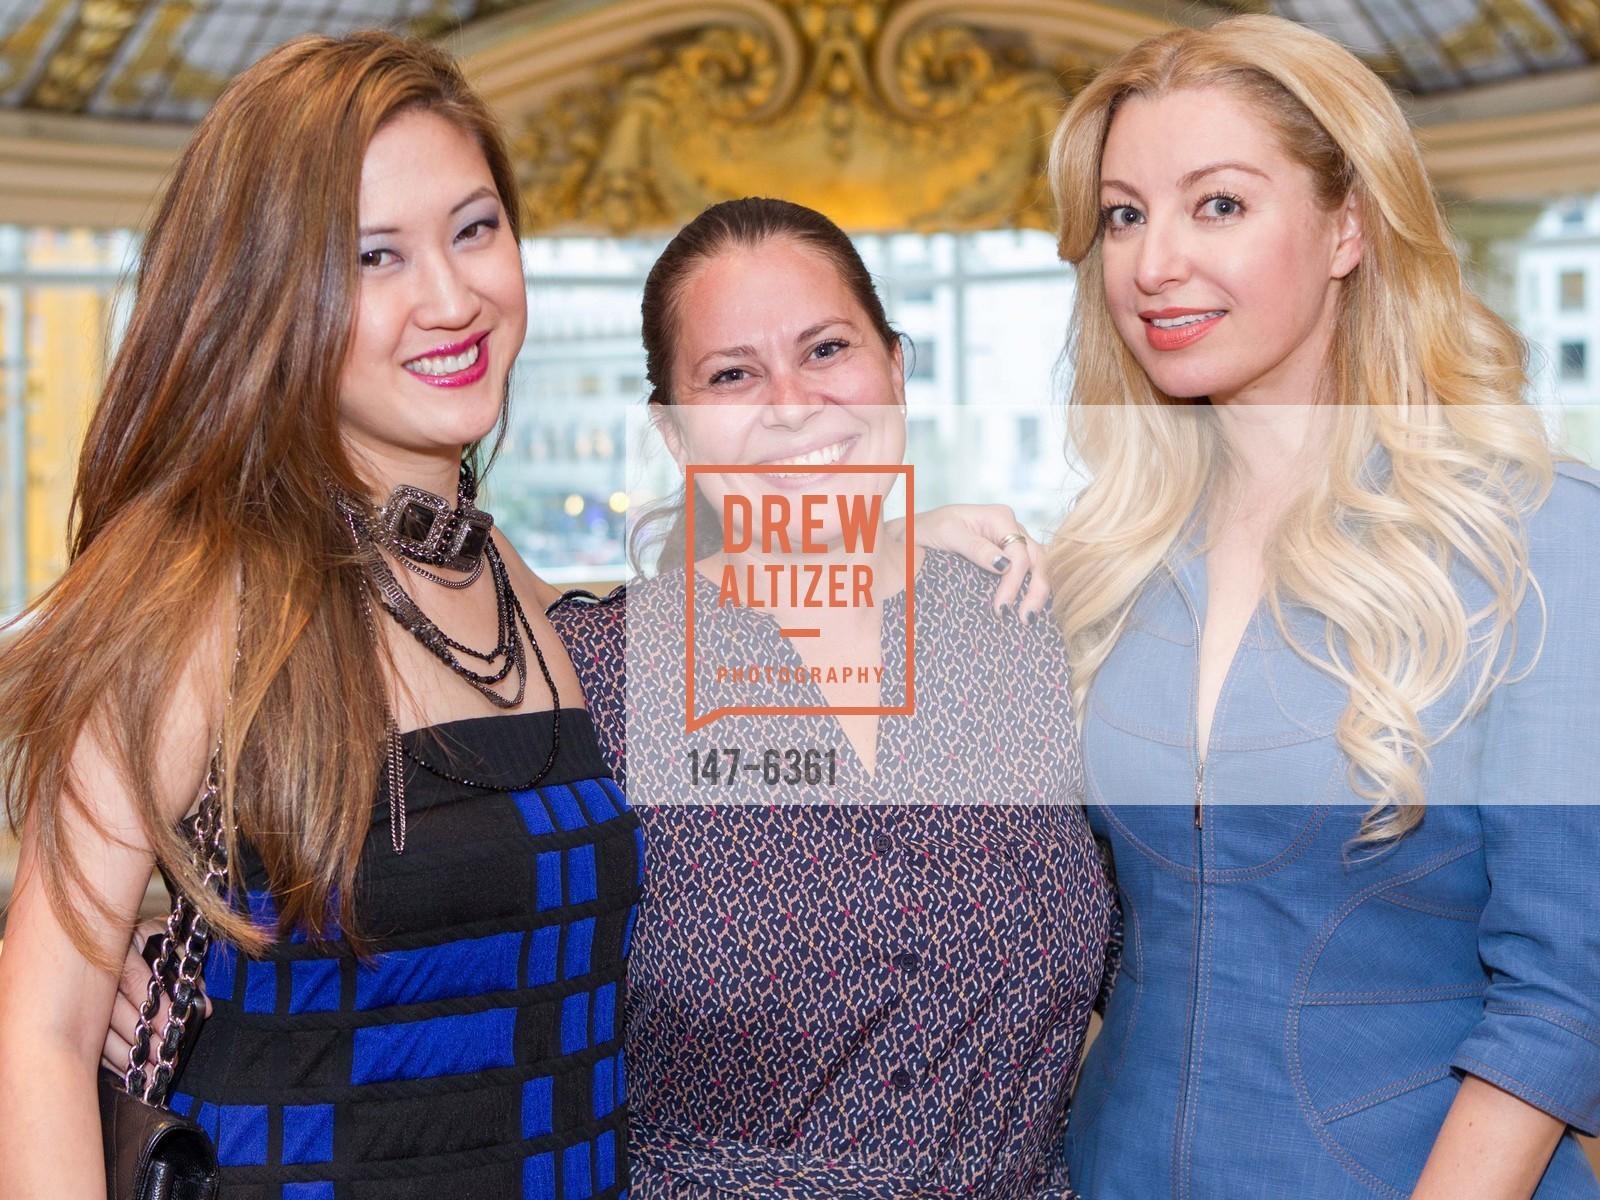 Jessica Hon, Lindsay Stevens, Sonya Molodetskaya, Photo #147-6361